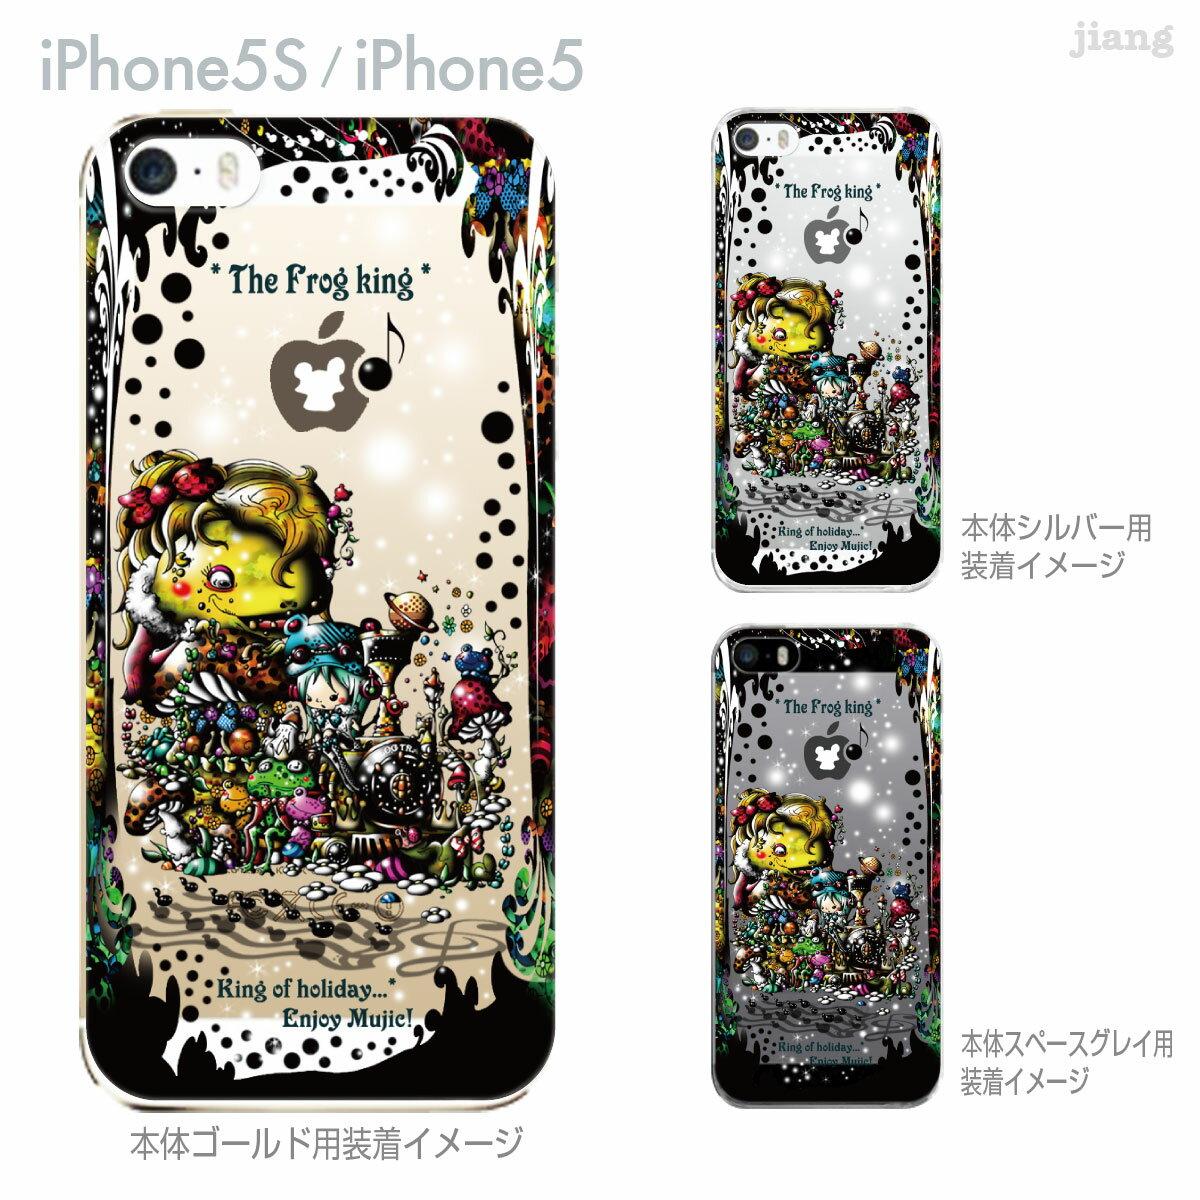 【iPhone5S】【iPhone5】【Little World】【iPhone5ケース】【カバー】【スマホケース】【クリアケース】【イラスト】【Clear Arts】【グリム童話】【かえるの王様】 25-ip5s-am0095